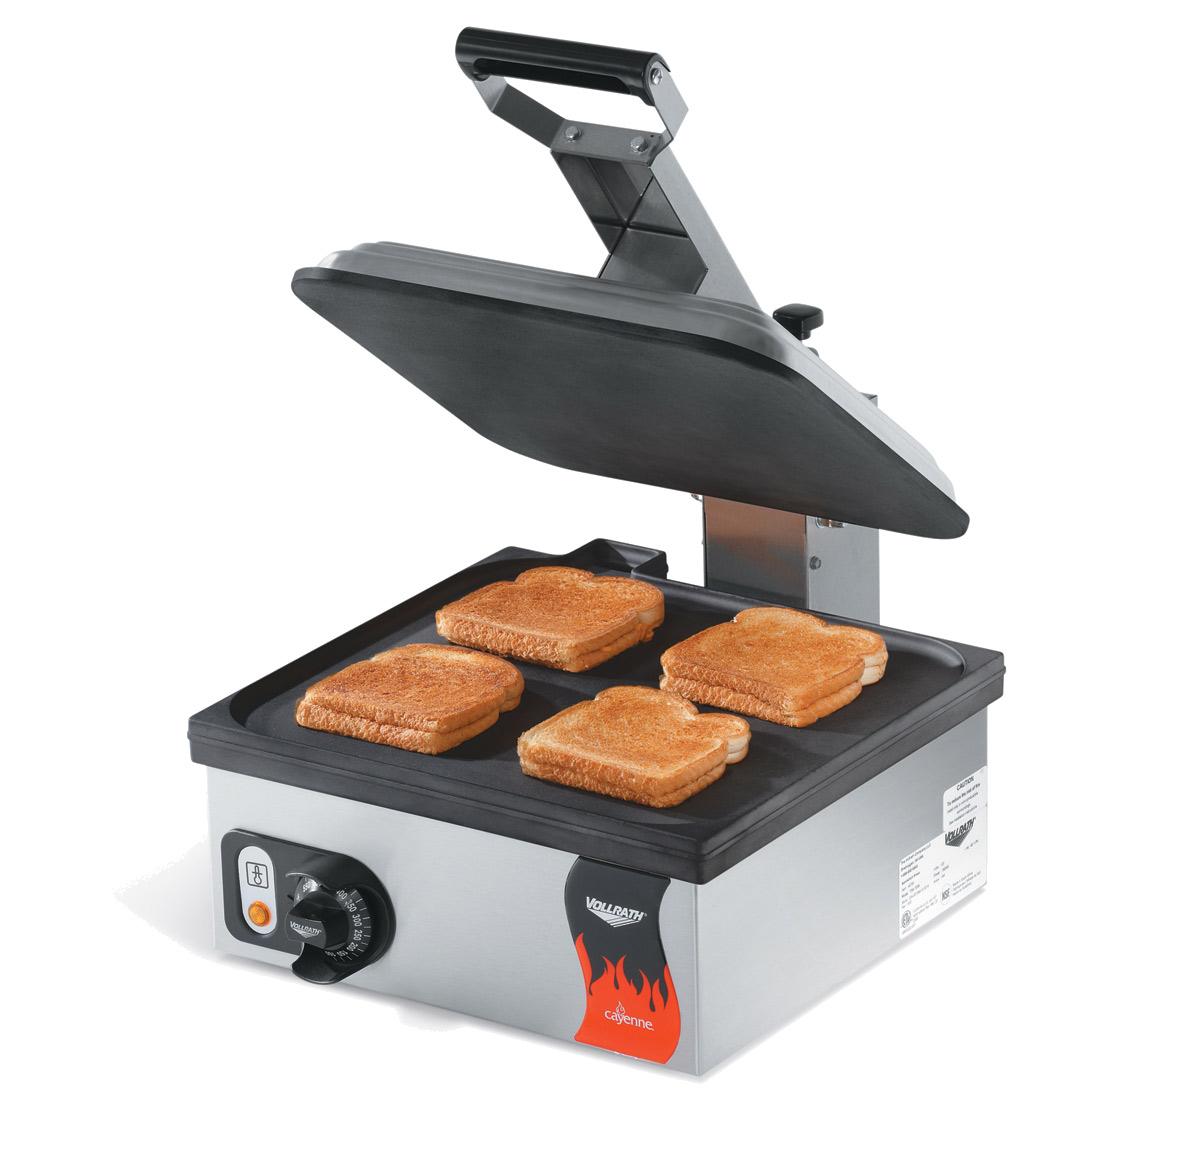 Vollrath 40792 sandwich / panini grill